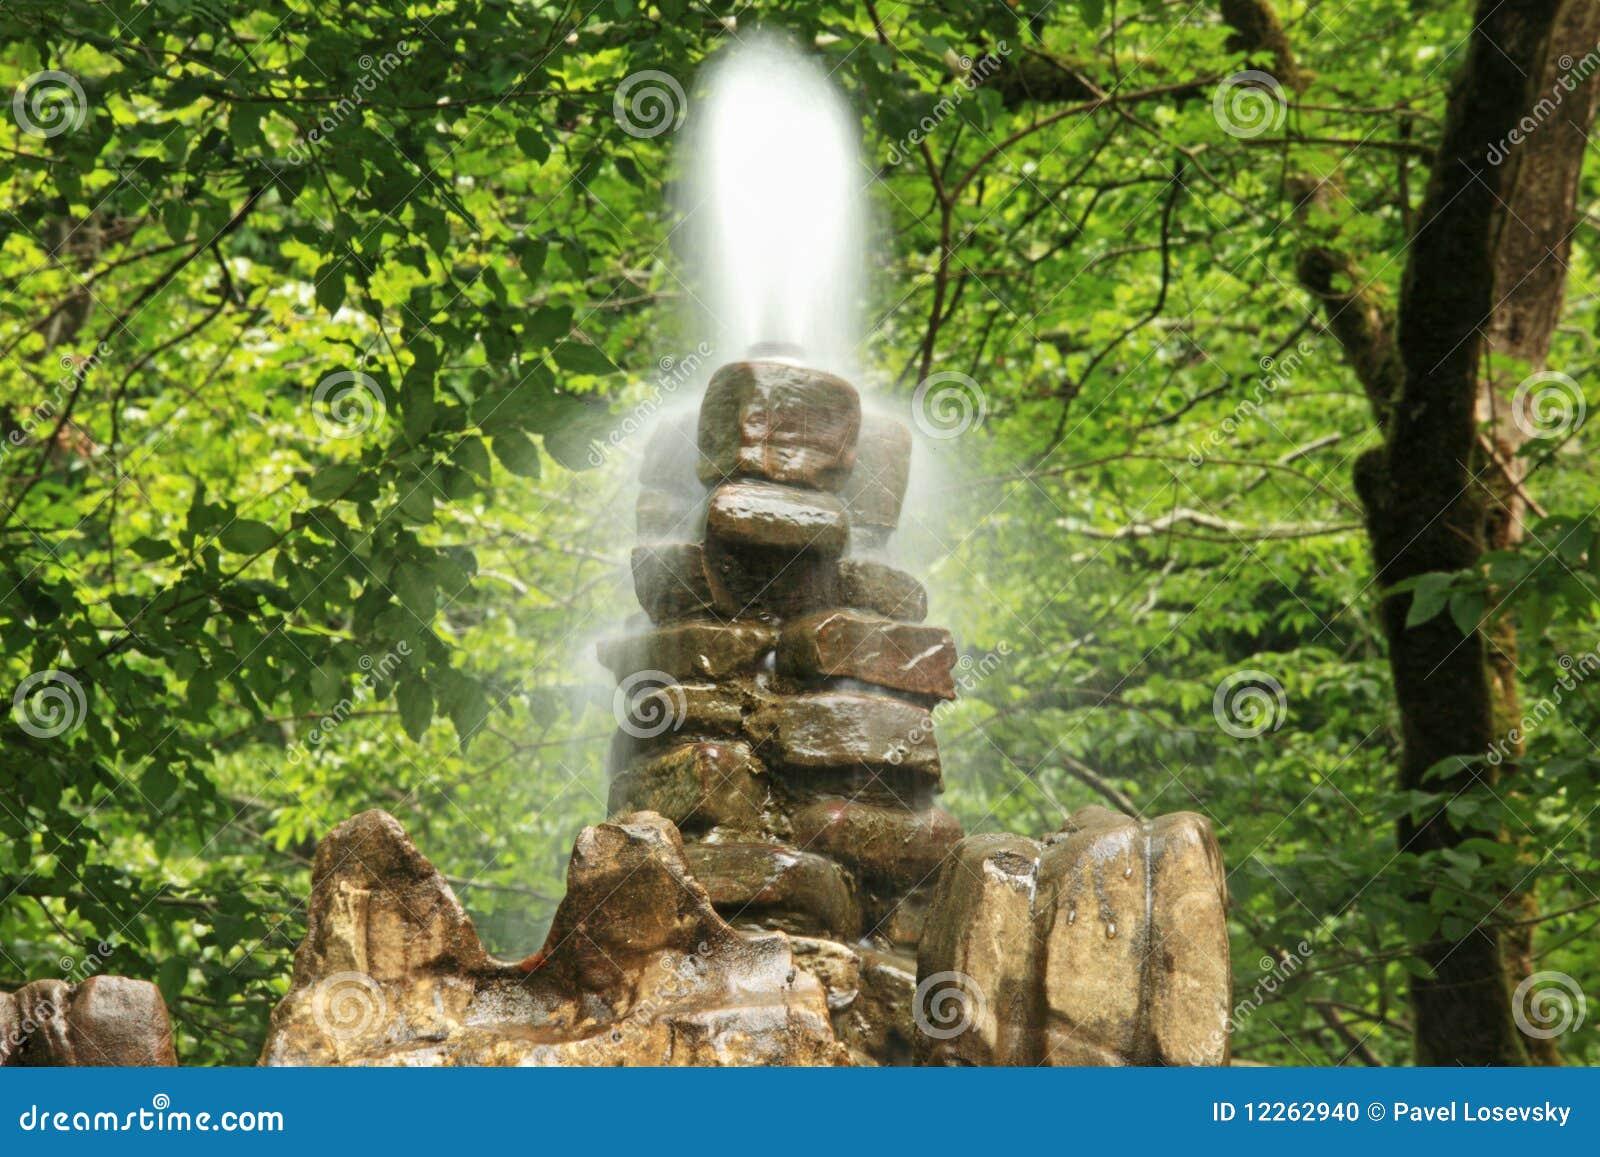 Fontaine en pierre en bois